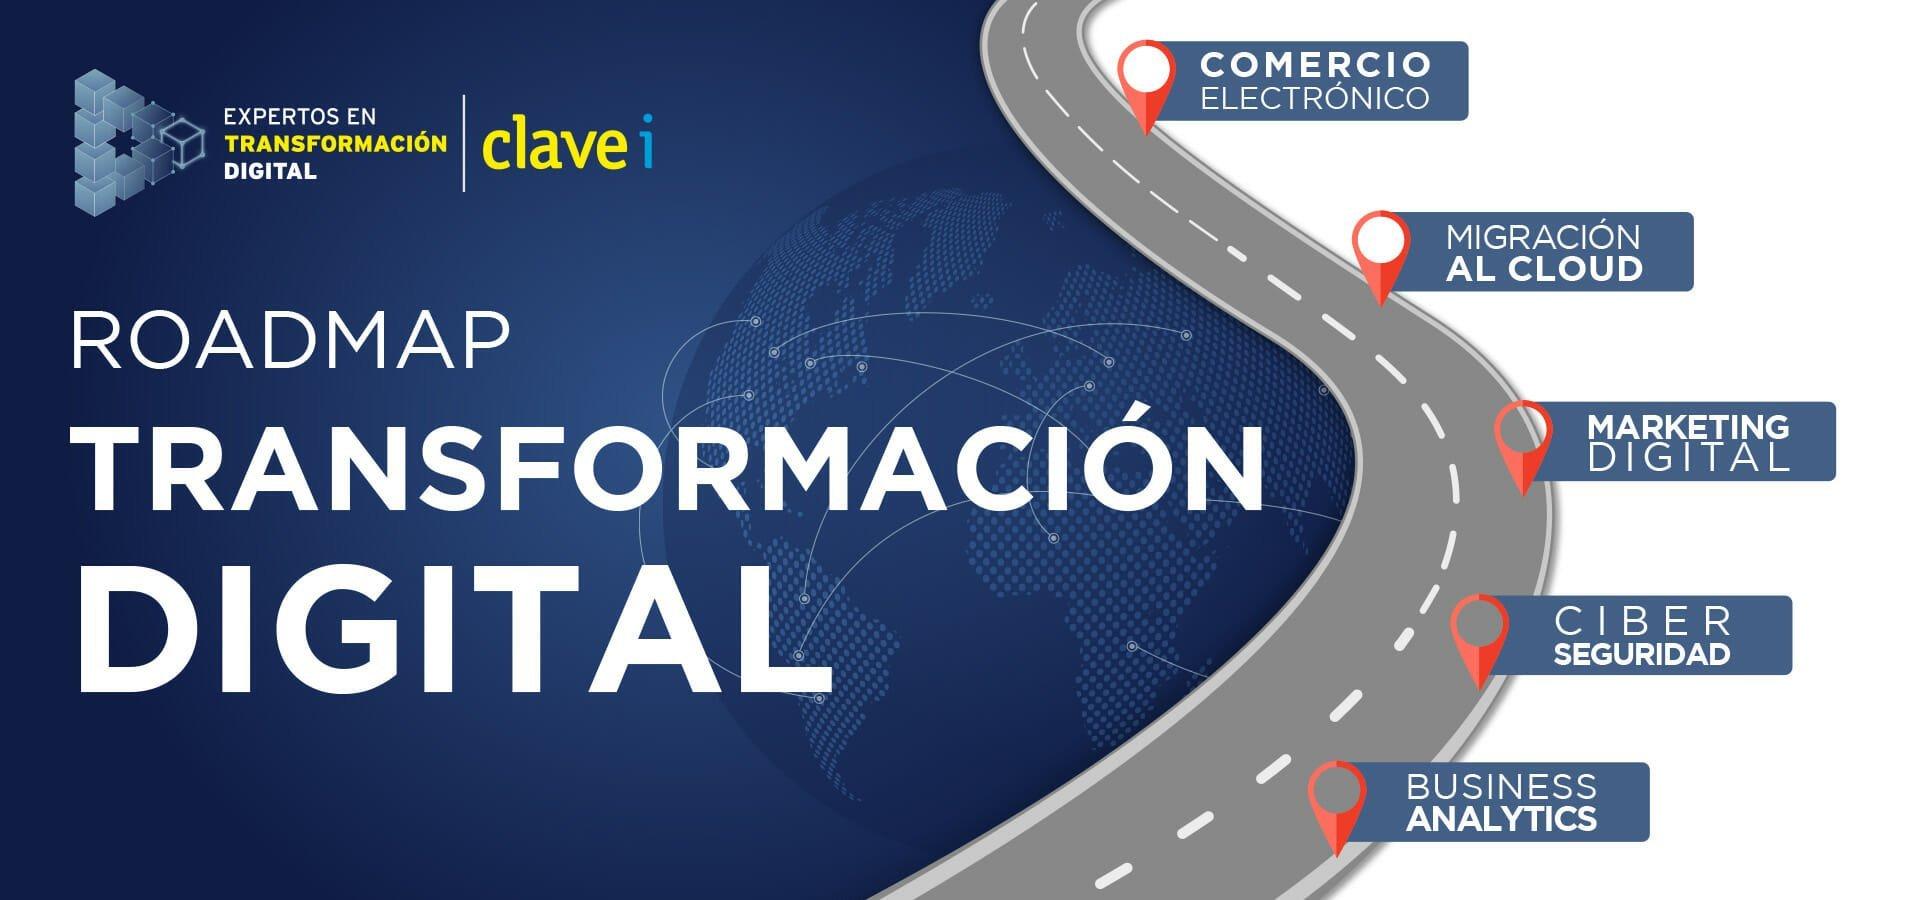 Roadmap-Transformacion-Digital-Clavei-2018-Alicante